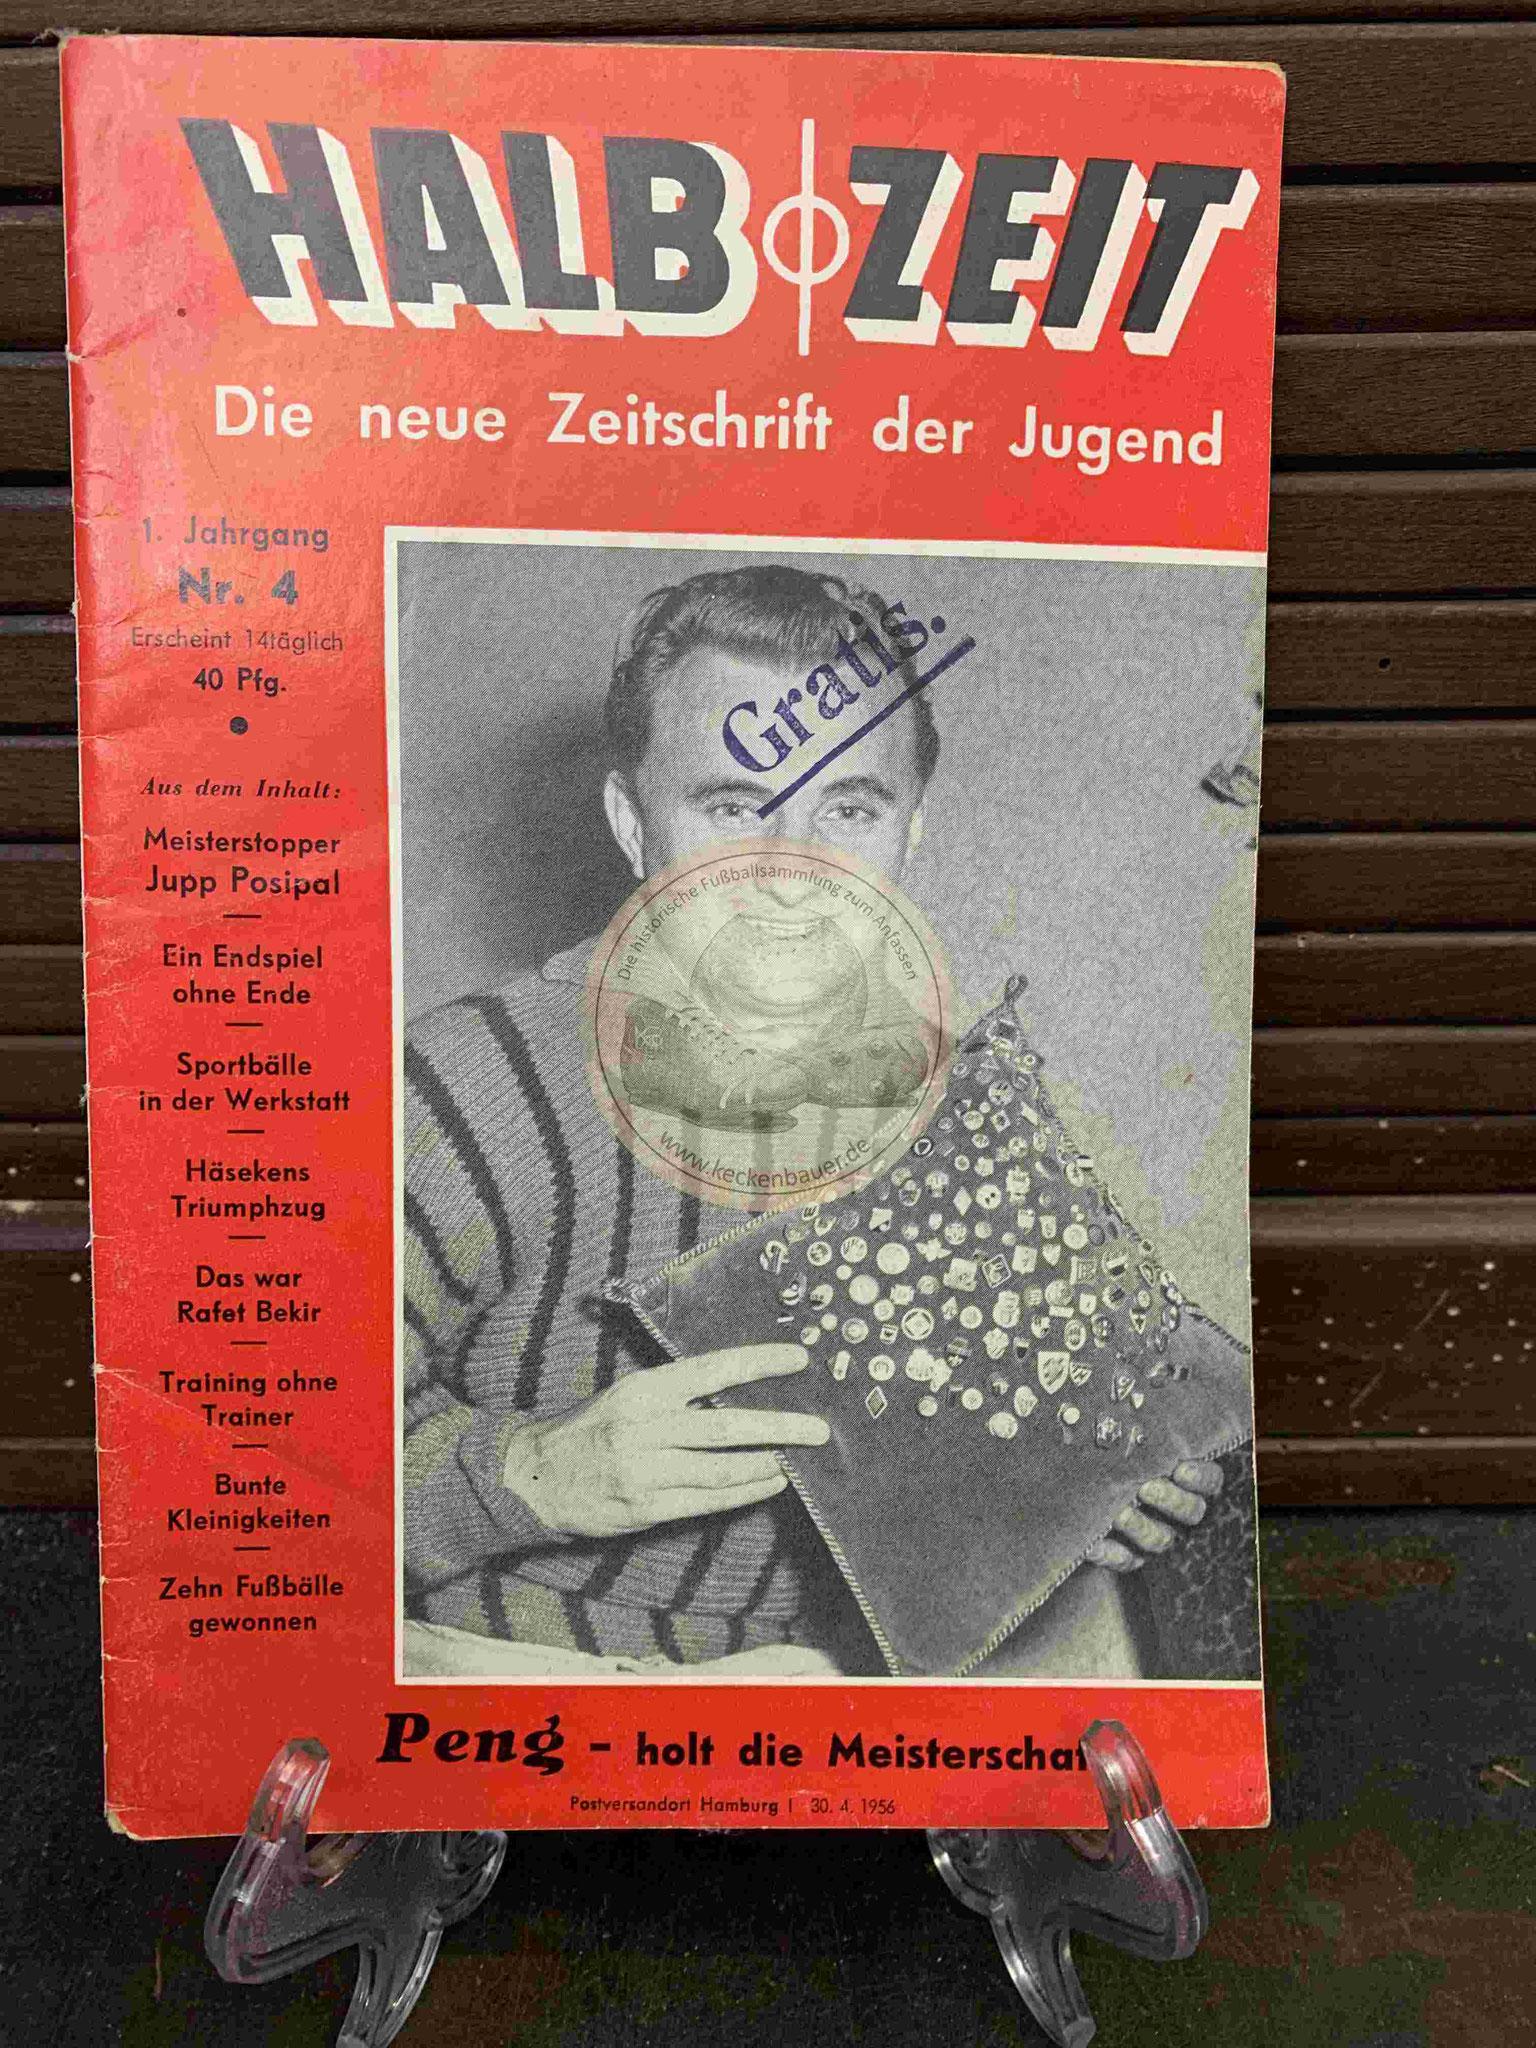 Halbzeit Die neue Zeitschrift der Jugend aus dem Jahr 1956